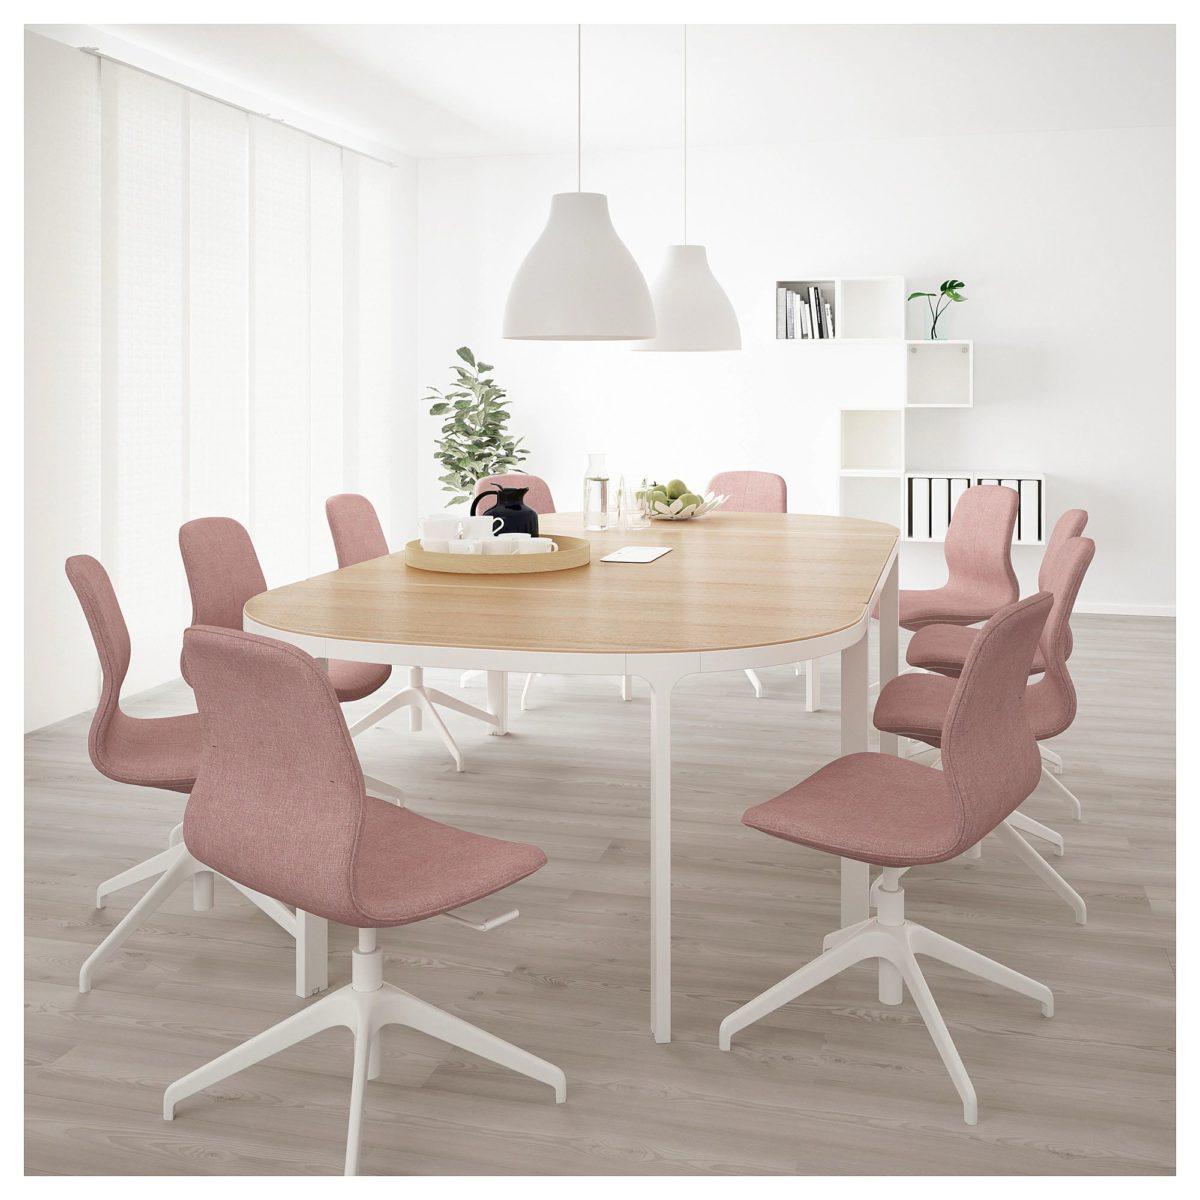 catalogo-ikea-ufficio-2019-scrivania-tavolo-riunioni